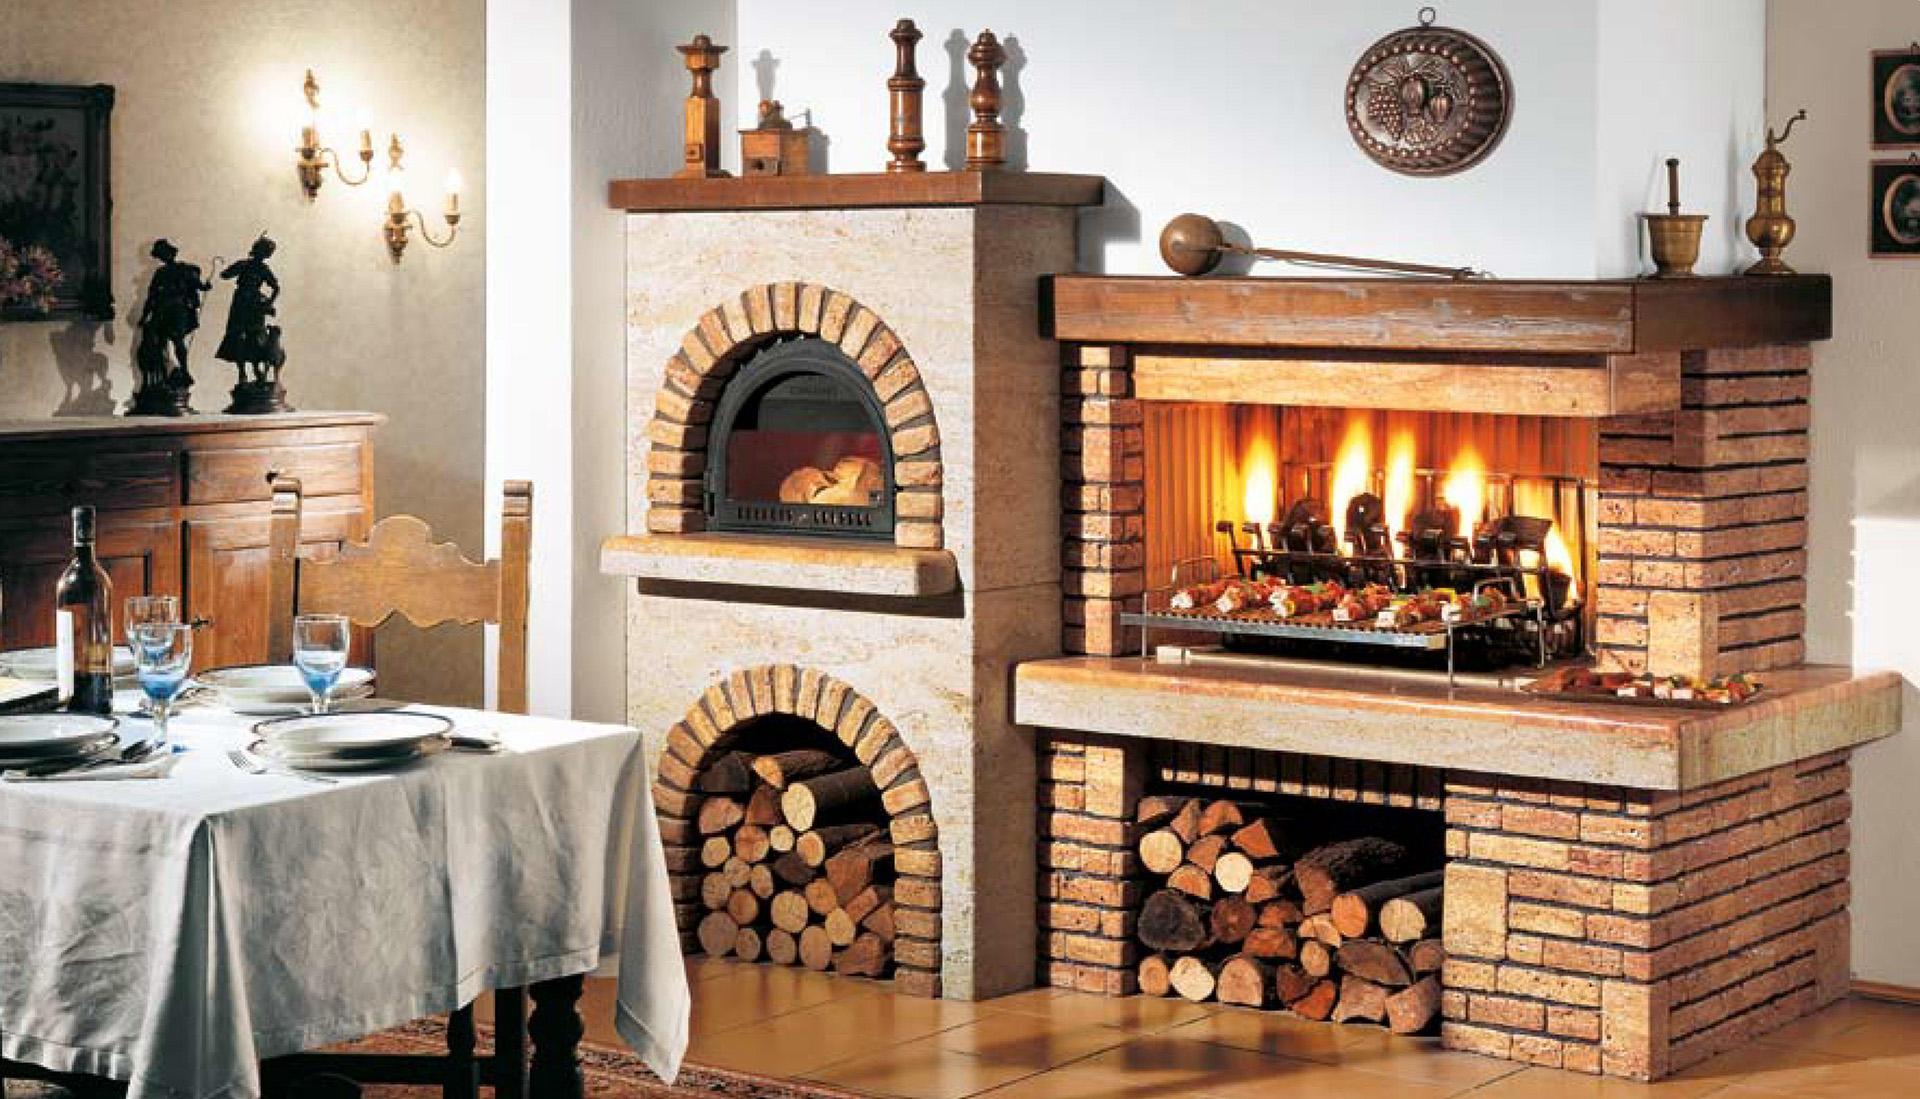 Camini a legna da cottura il caminetto - Forno a legna in casa ...